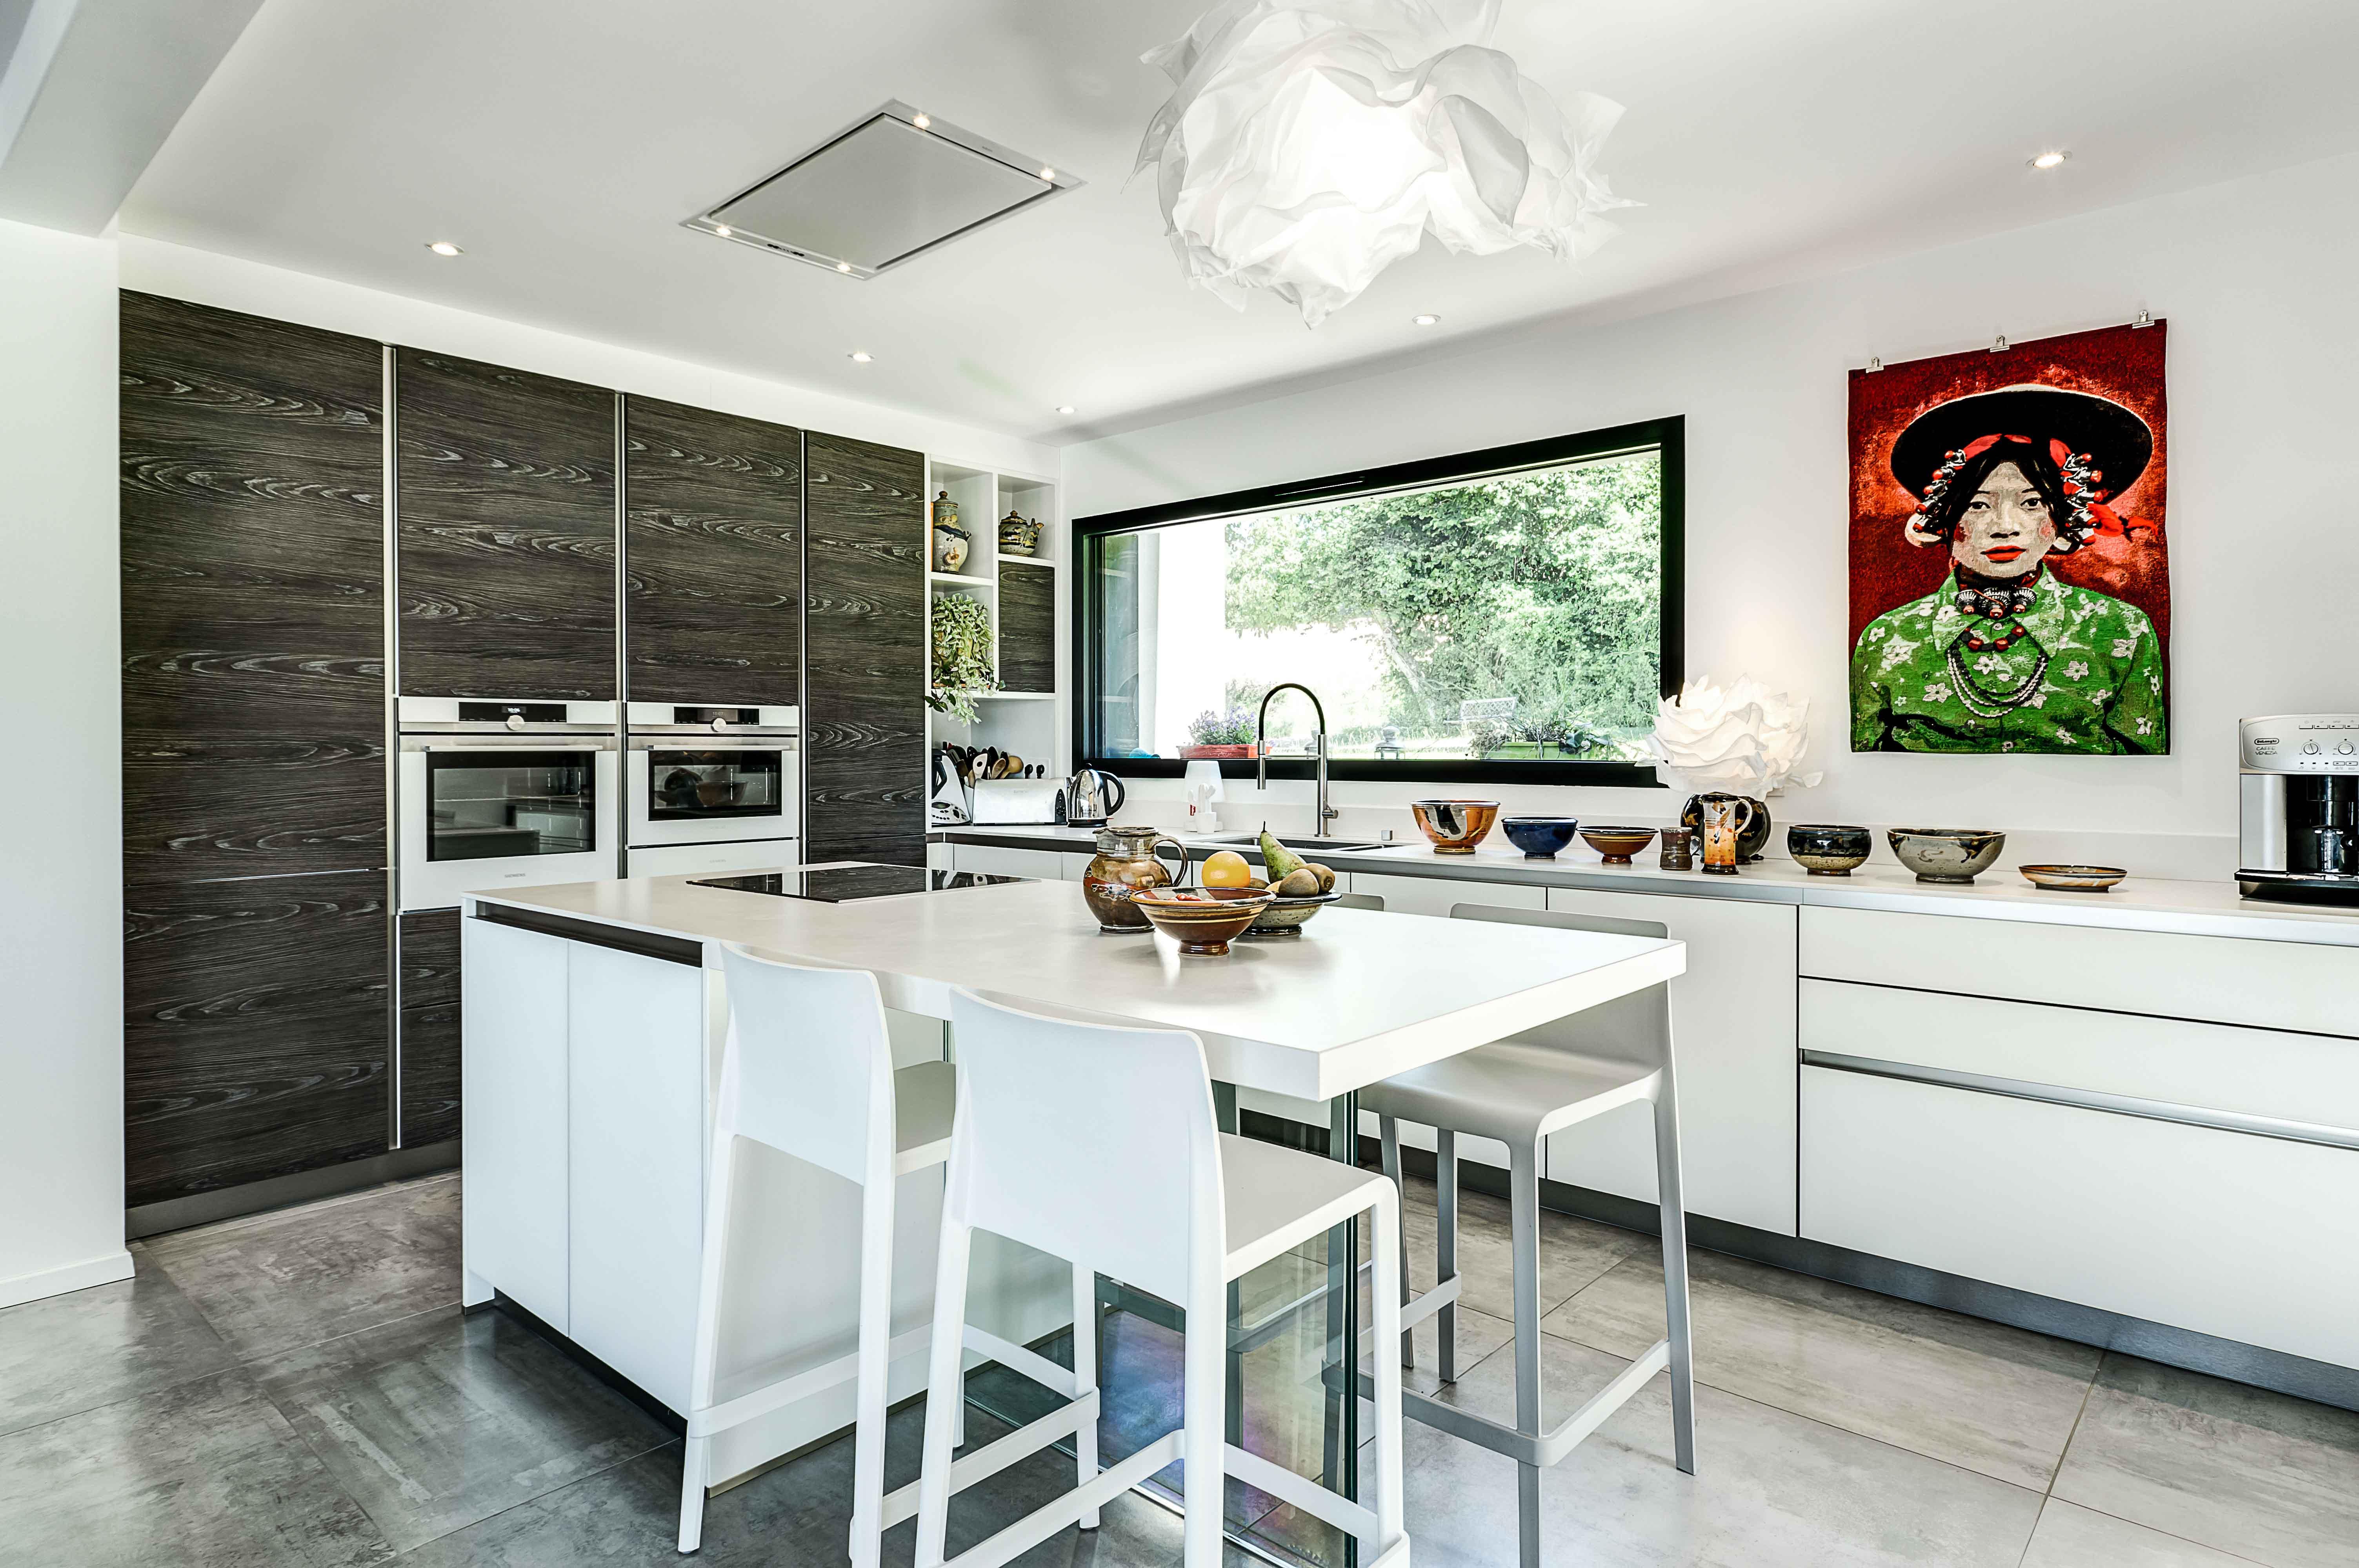 cuisine intégrée design et ambiance moderne contemporaine sur mesure